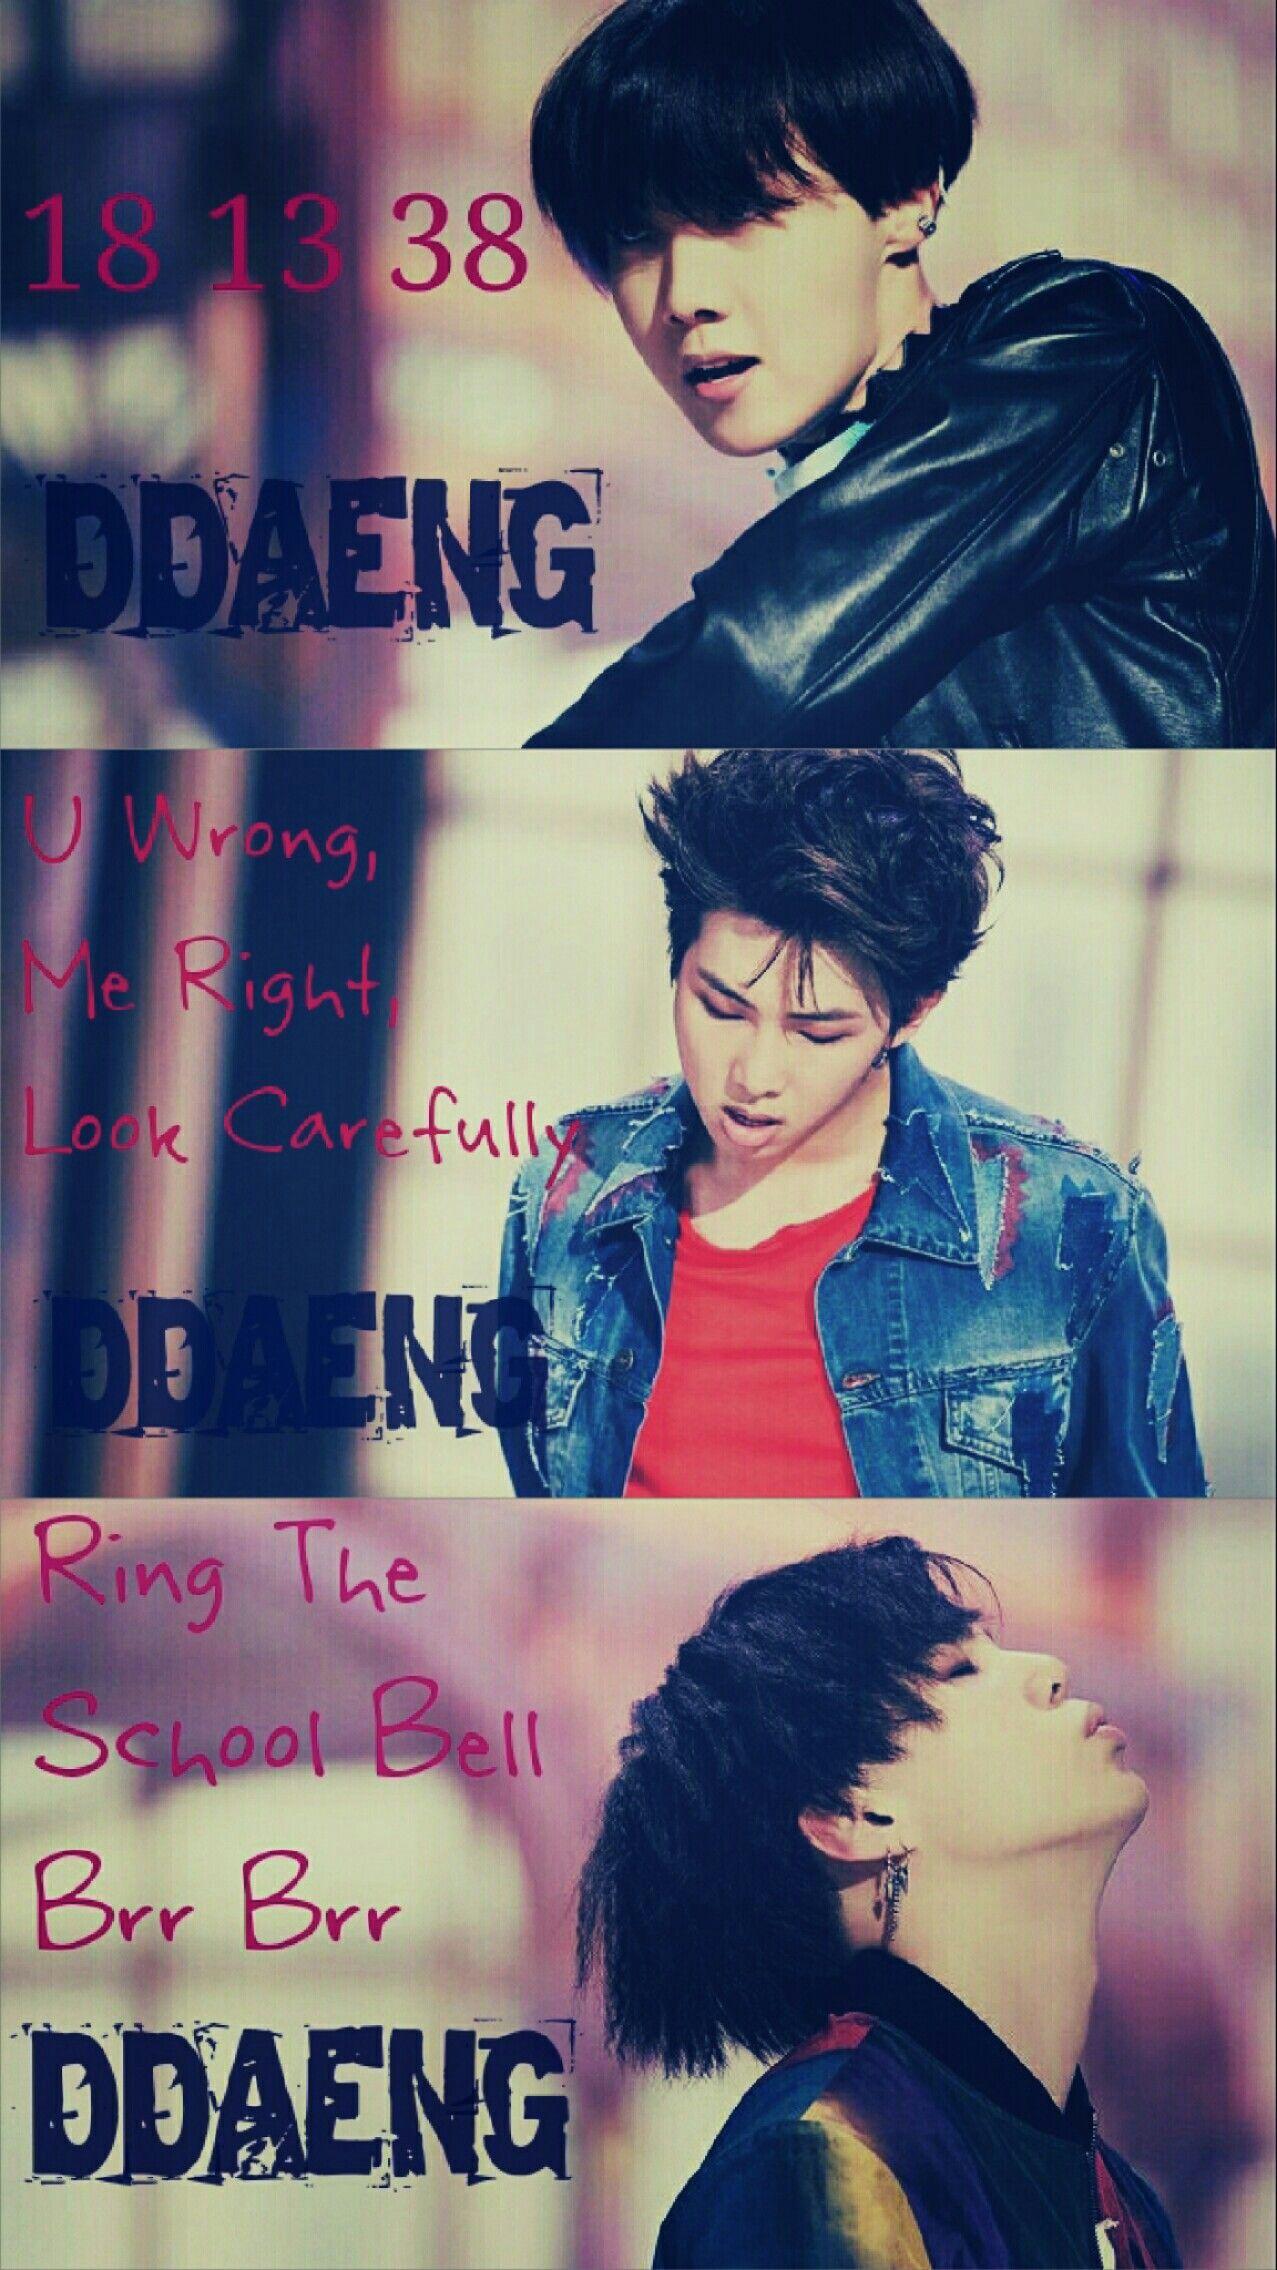 BTS DDAENG (Görüntüler ile)